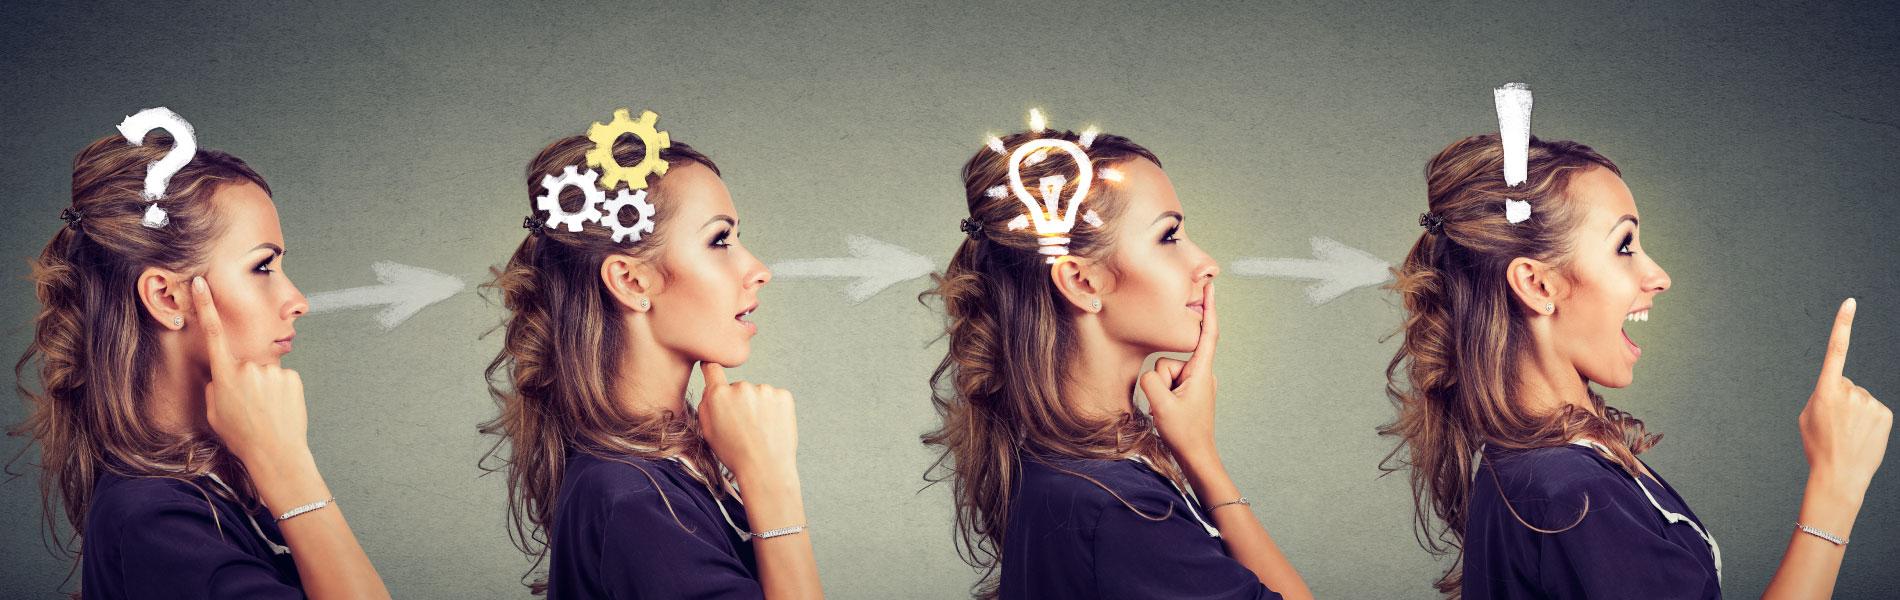 Confinement : le temps de la réflexion avant la reprise